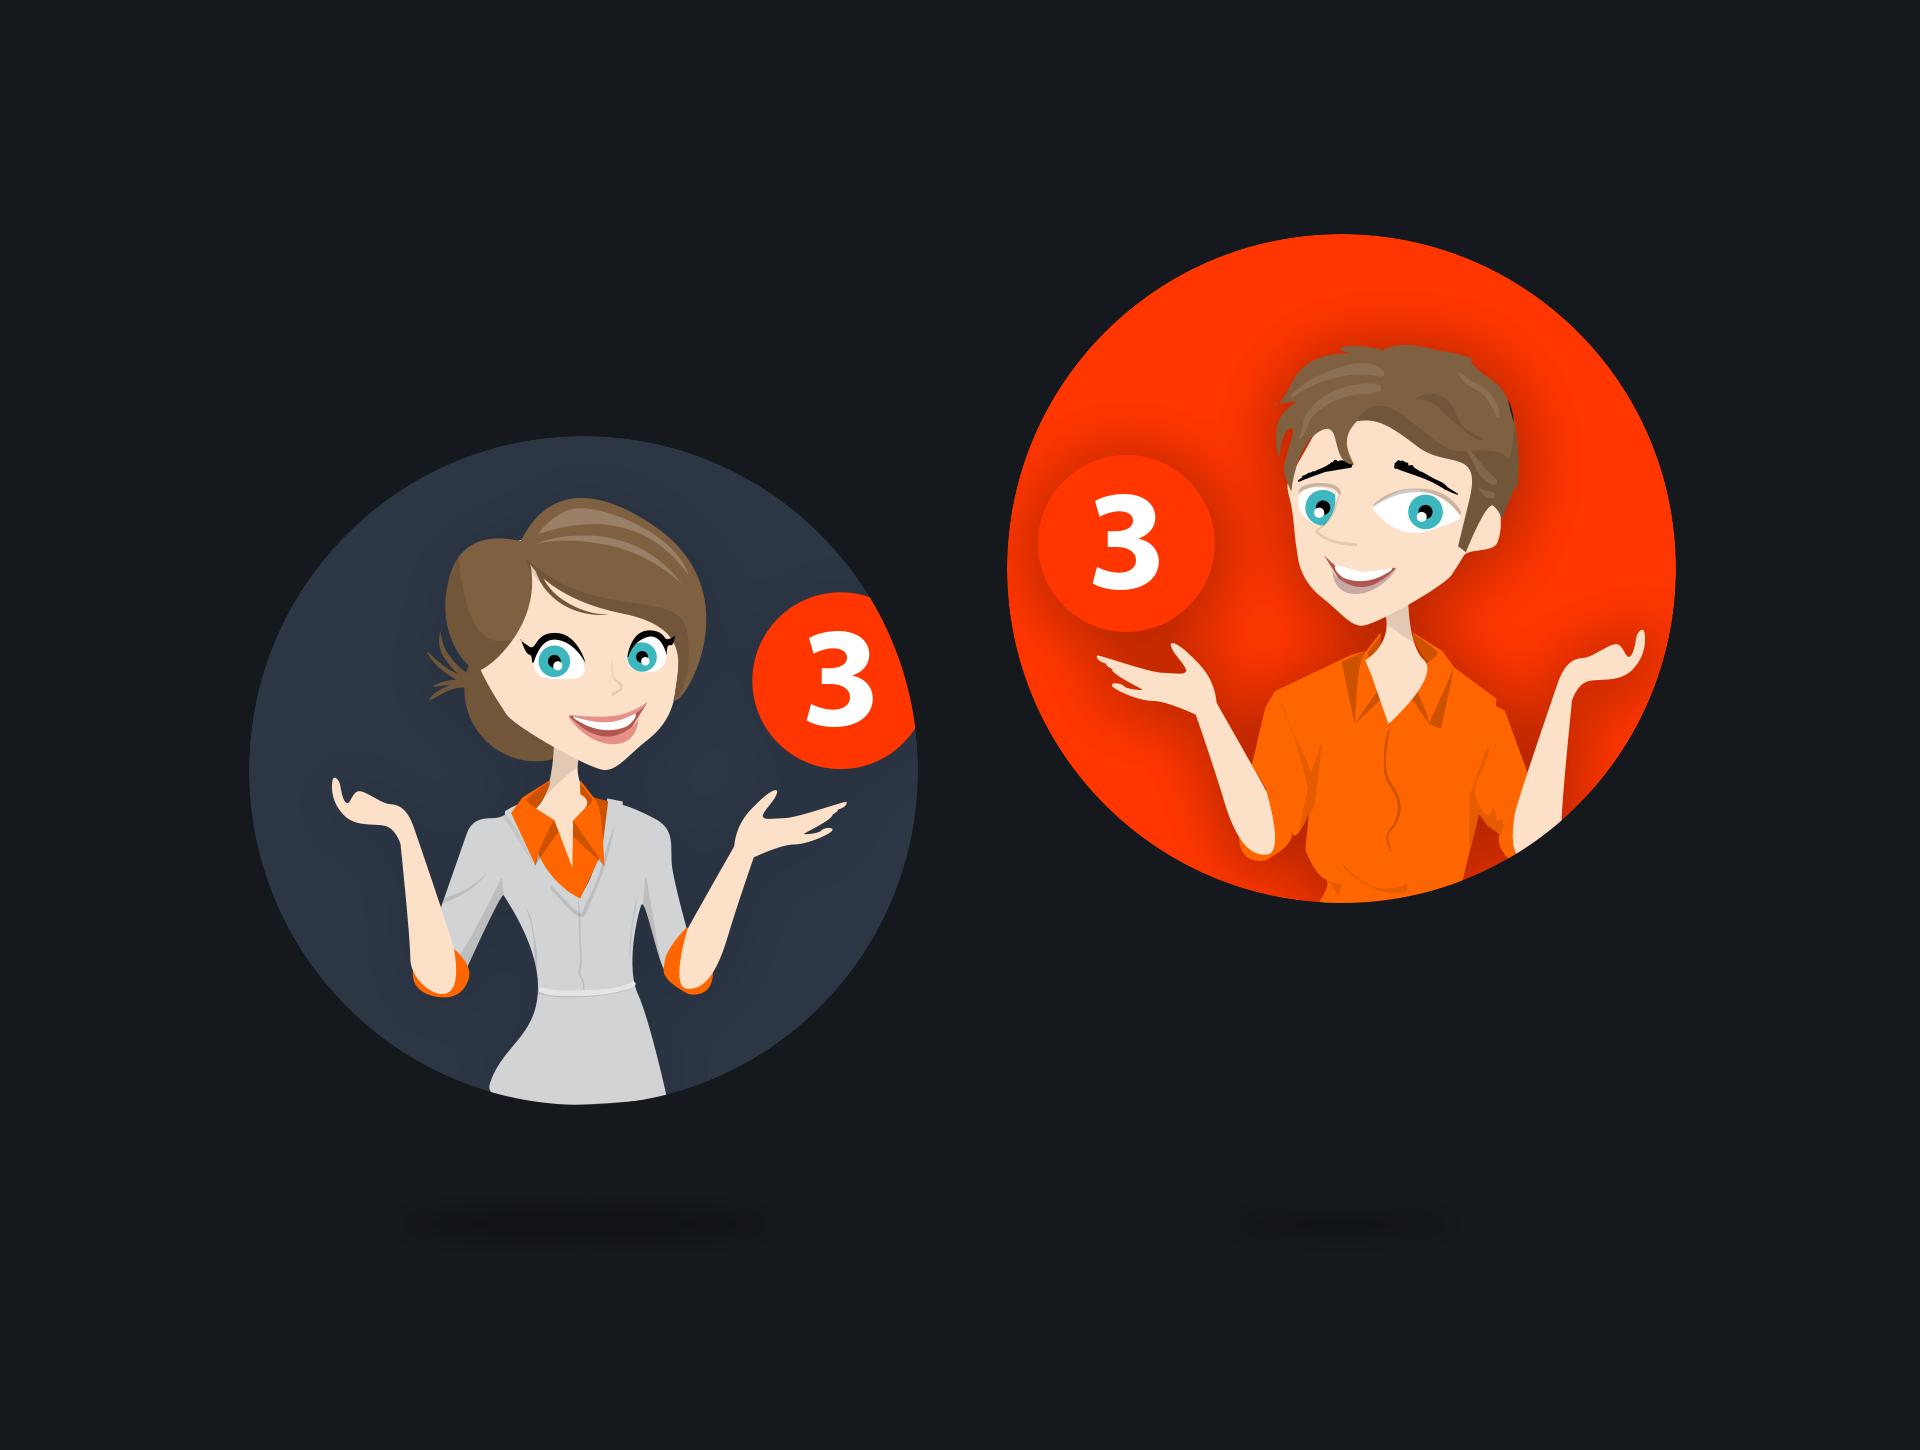 Webbapp characters עיצוב דמויות לאפליקציה